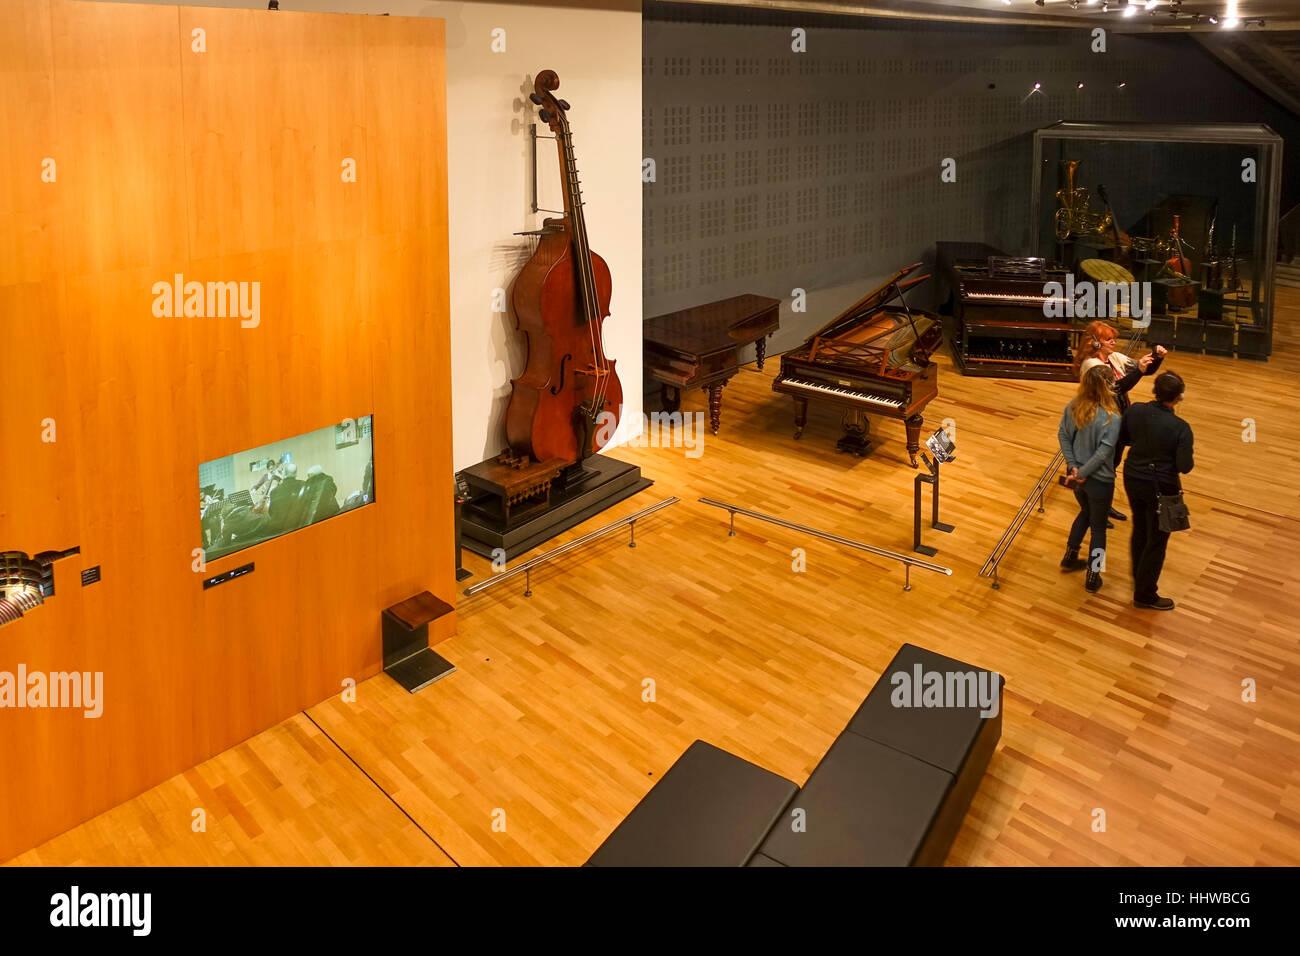 Interior musée de la cite, museum, Cite de la musique, Paris, France. - Stock Image